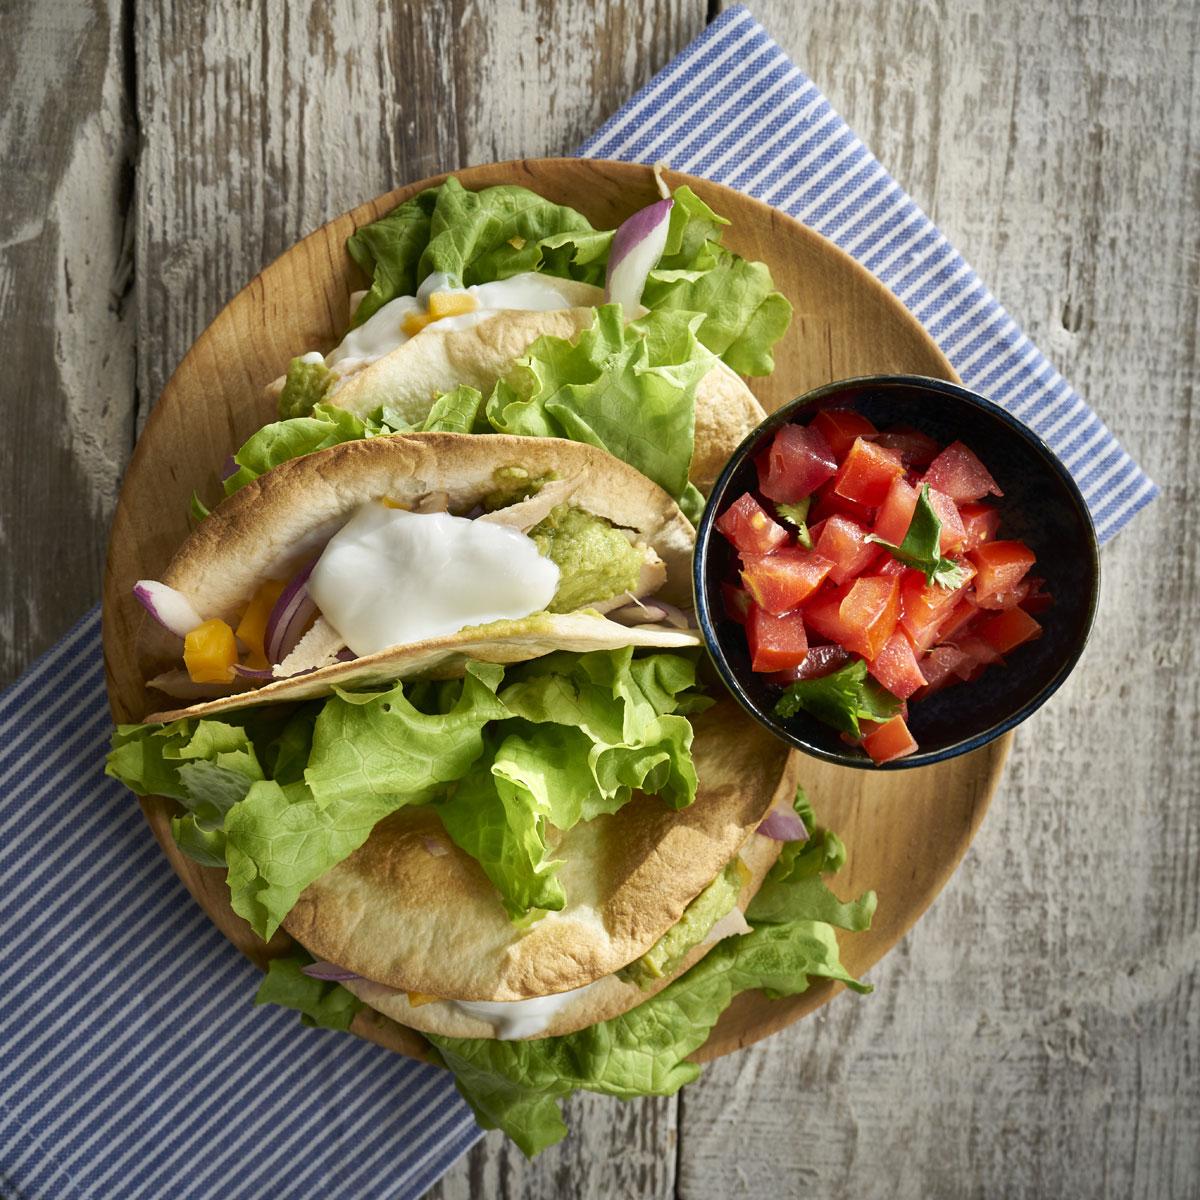 Tacos De Pollo Asado Con Pico De Gallo Receta En Telva Com